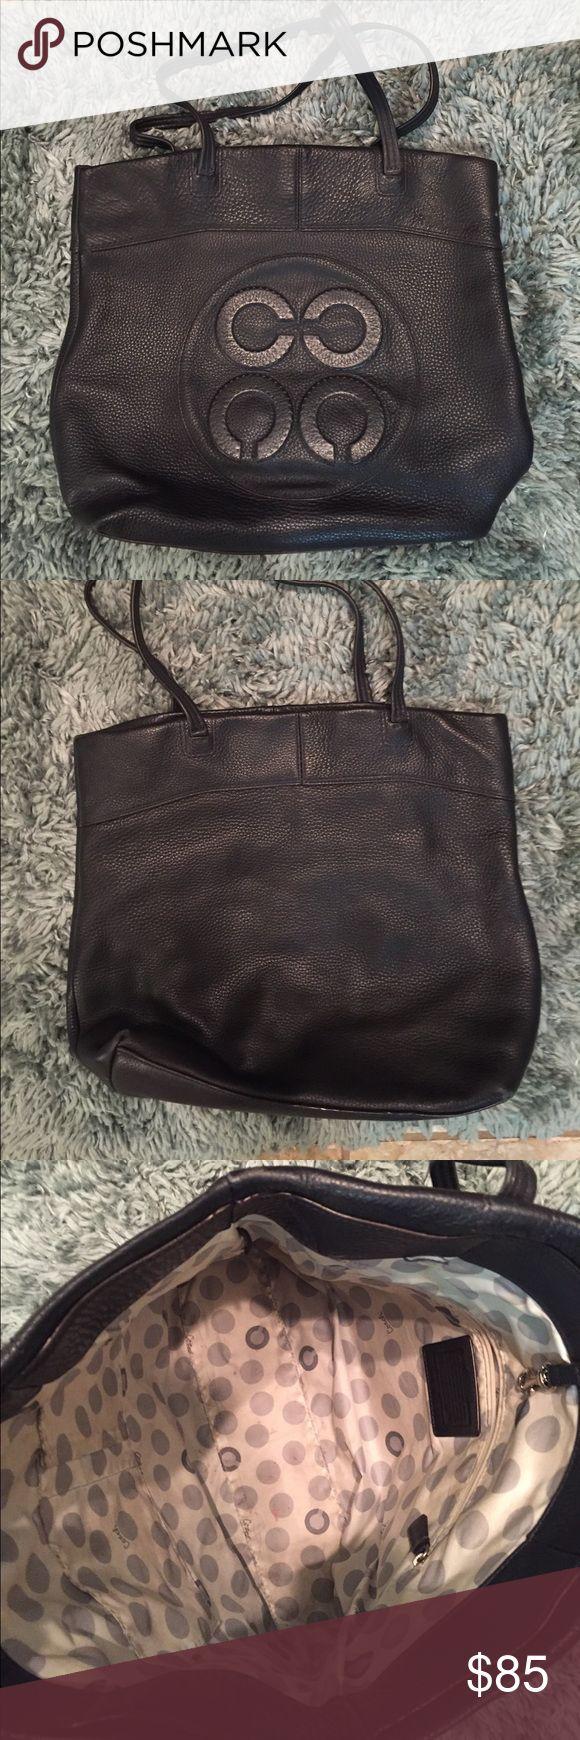 de23e76408a8 coach kelsey satchel bag in grey birch moth